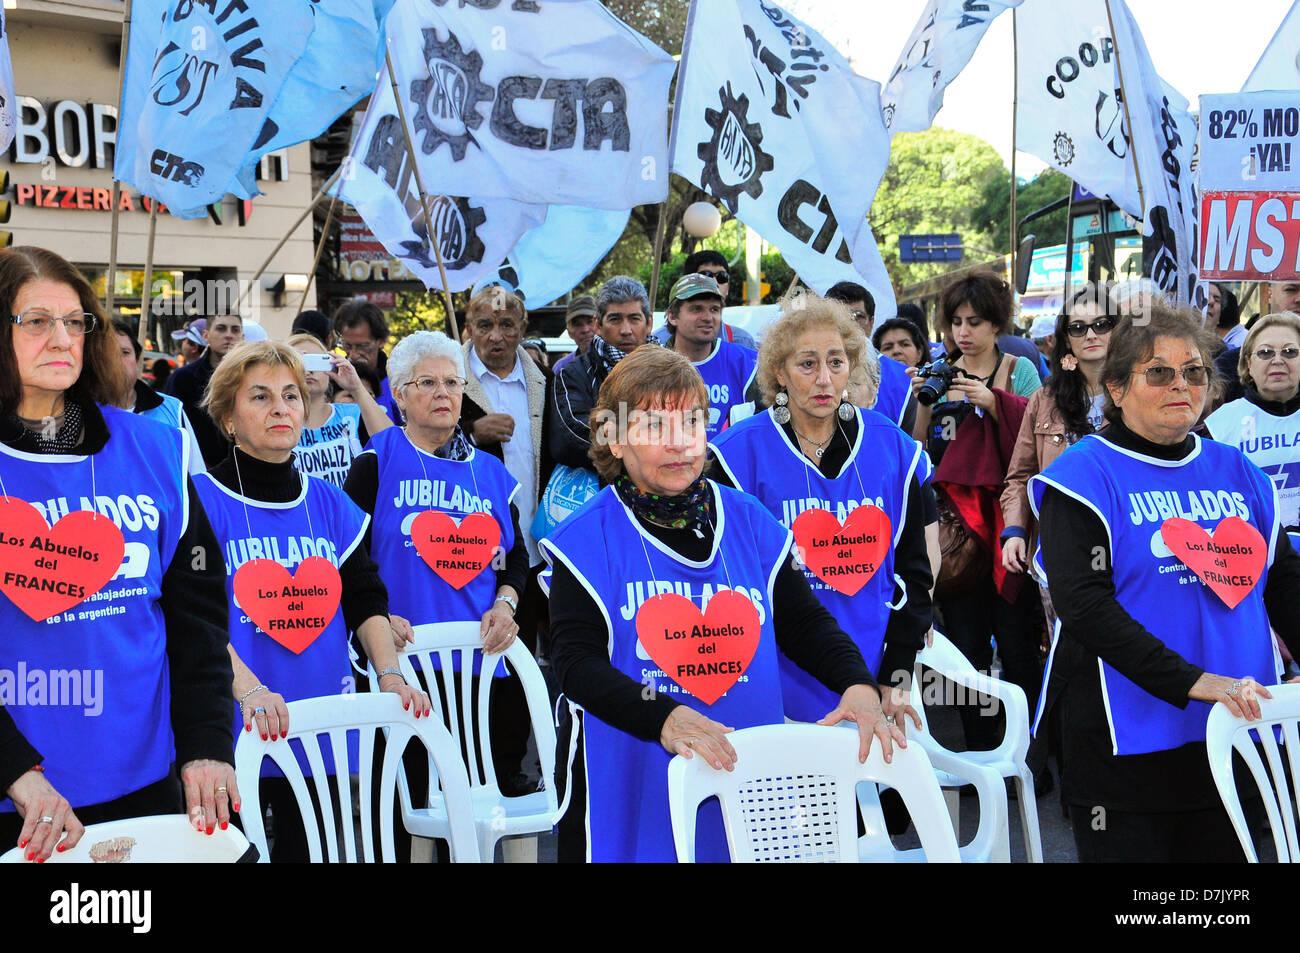 Frente al Congreso nacional de l'Argentine se realizo una marcha reclamando aumento en los haberes jubilatorios, Photo Stock